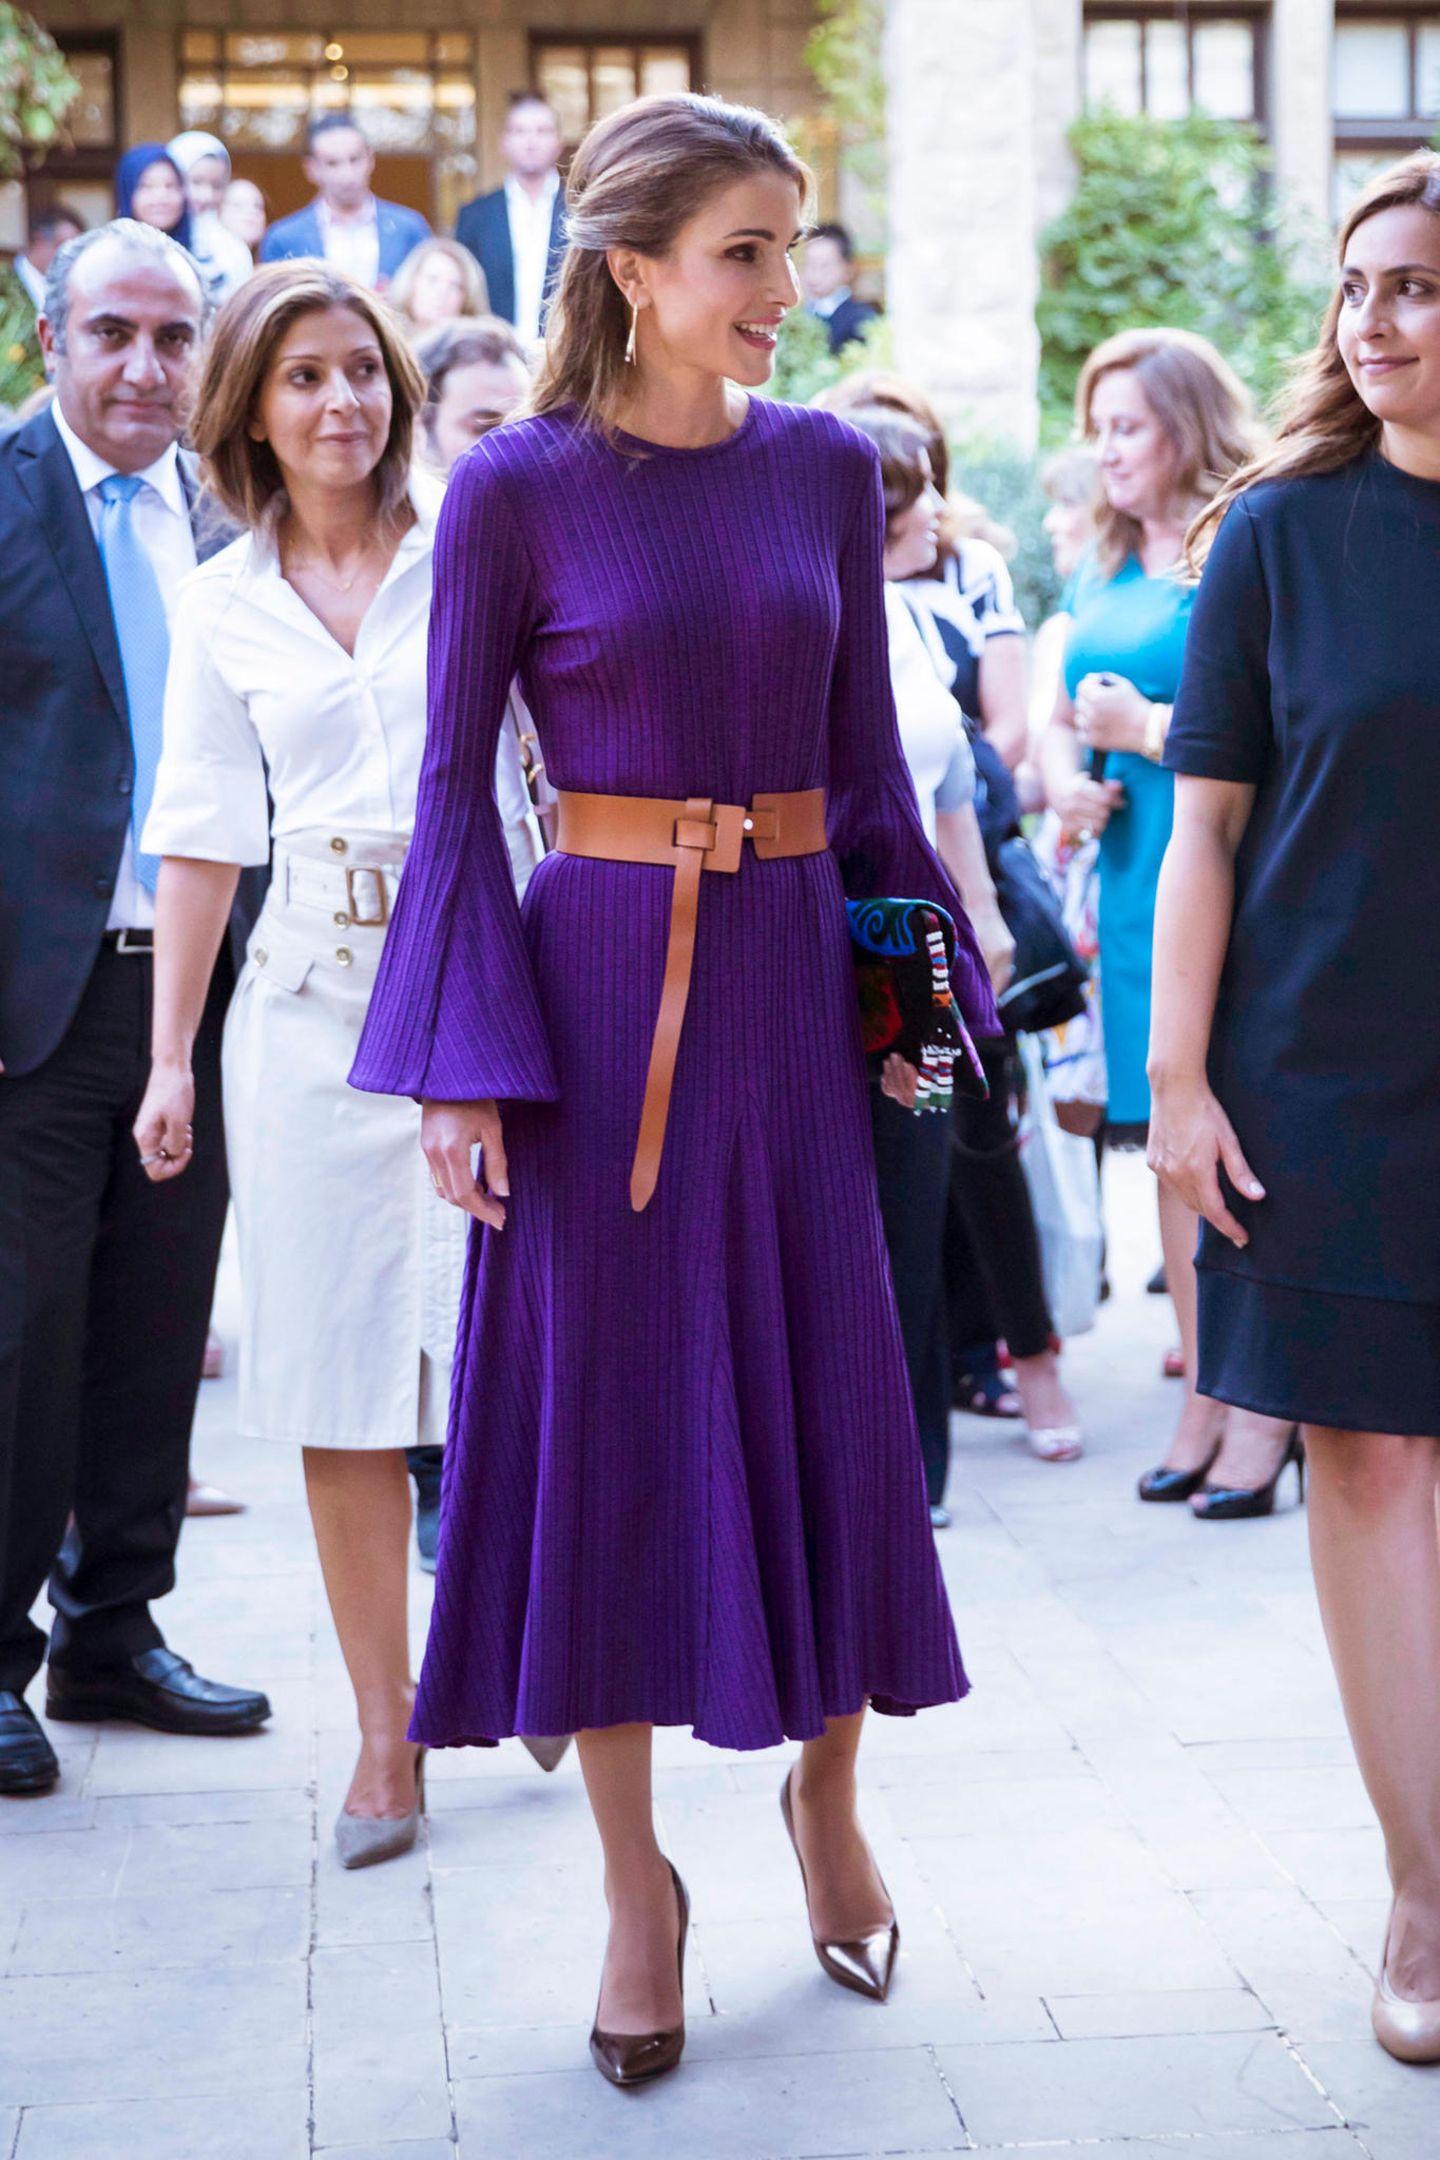 Bei einer Handwerksmesse überstrahlt Königin Rania im lilafarbenen Kleid mit Glockenärmeln alle anderen Besucher.